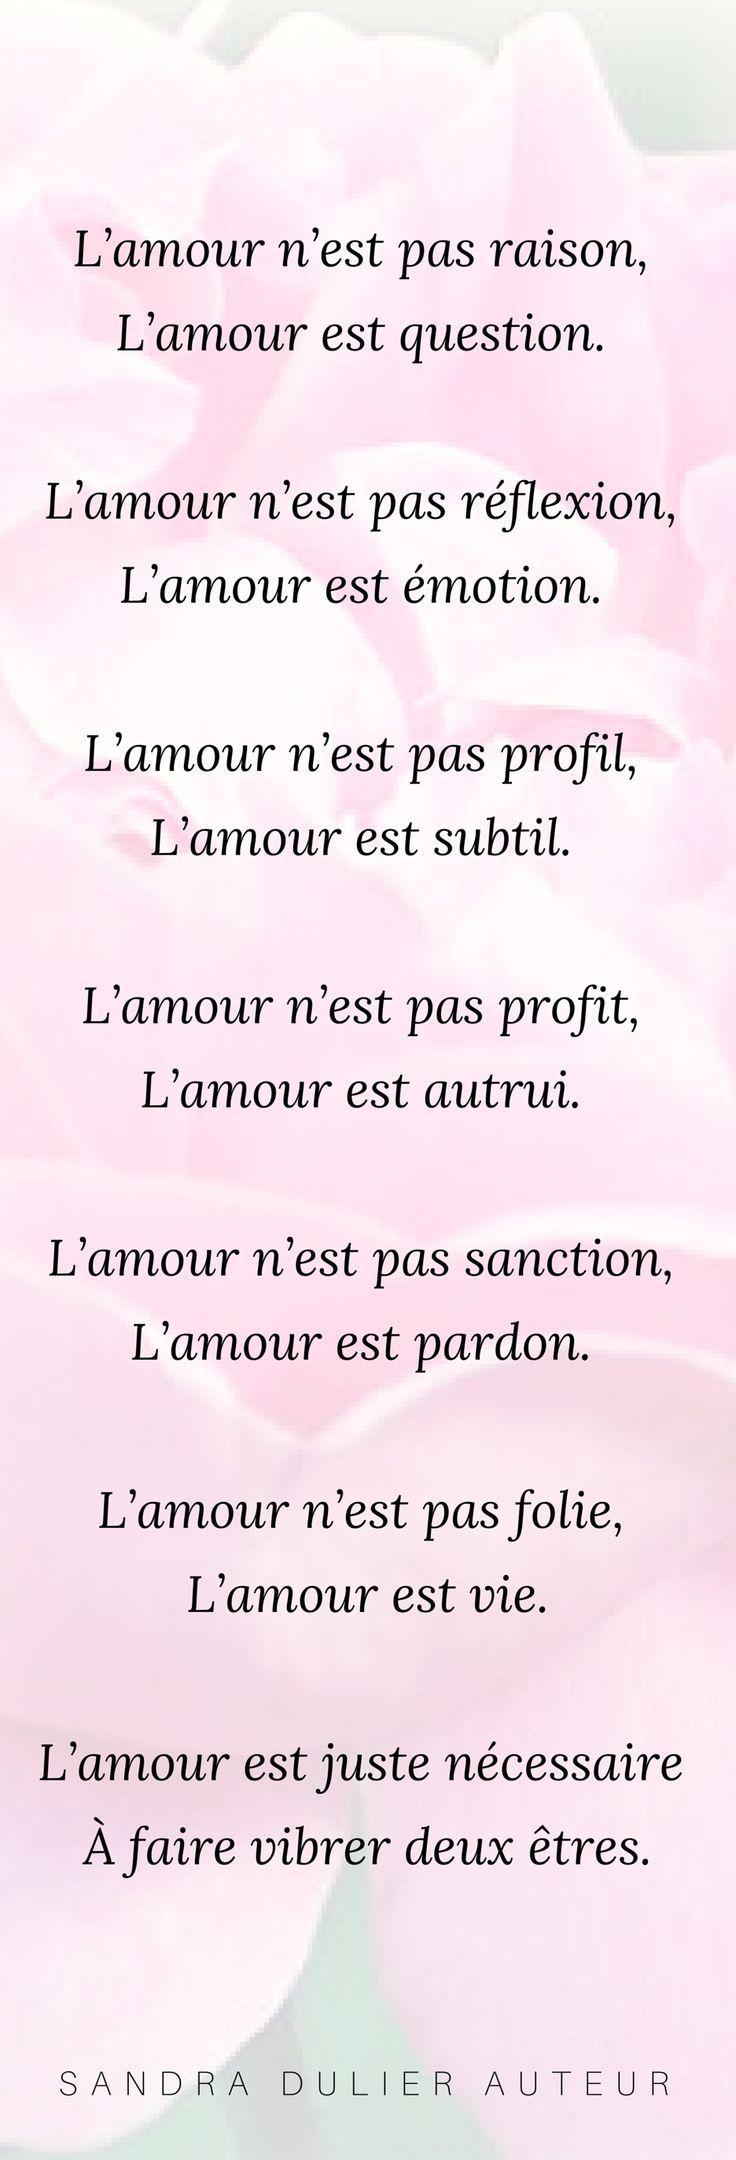 L'amour - poésie - définition - citation - Sandra Dulier